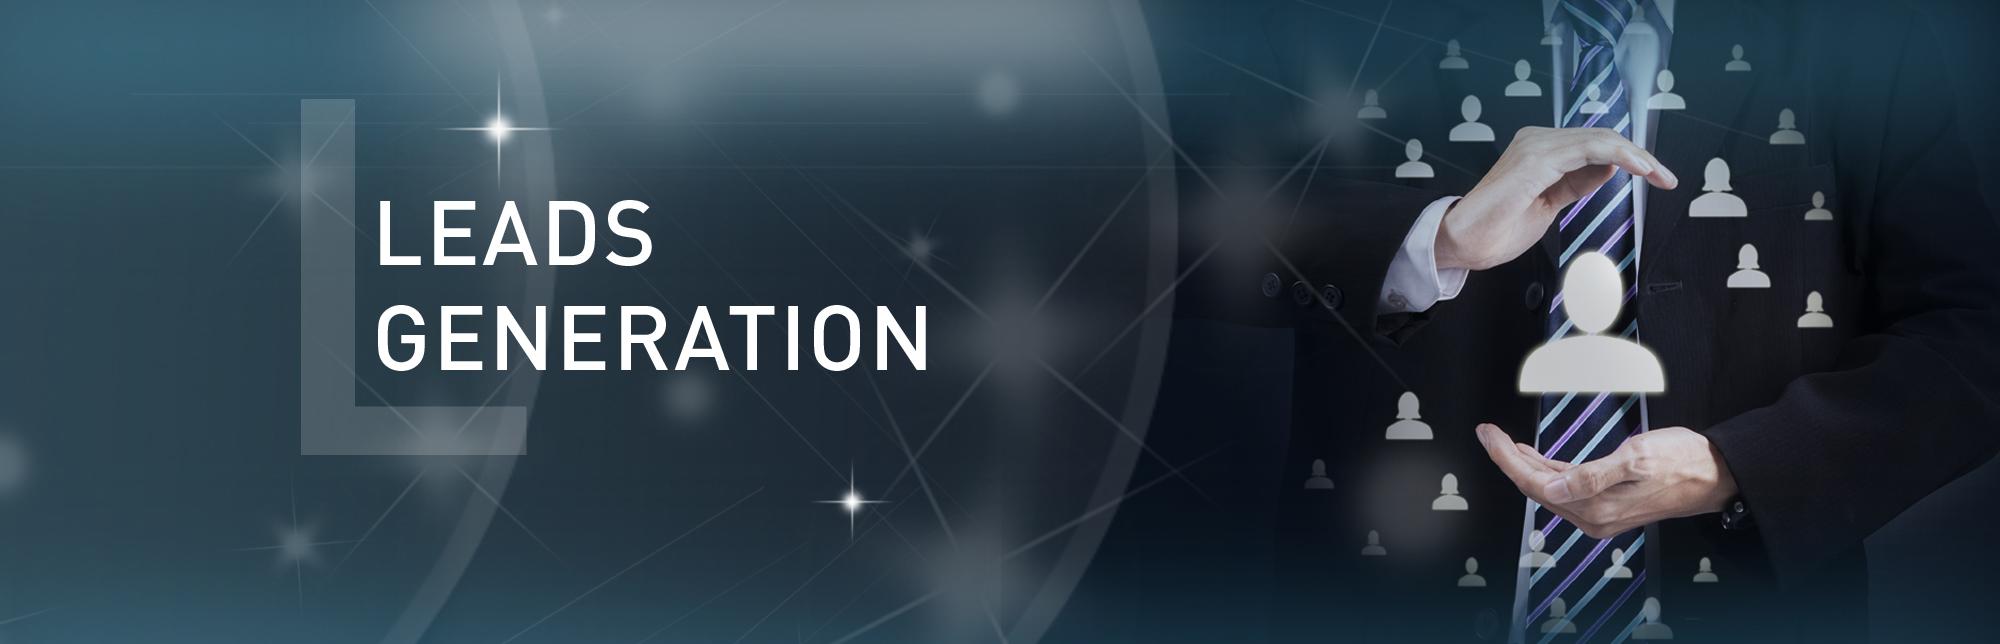 banniere_generation_leads_kovetz_online